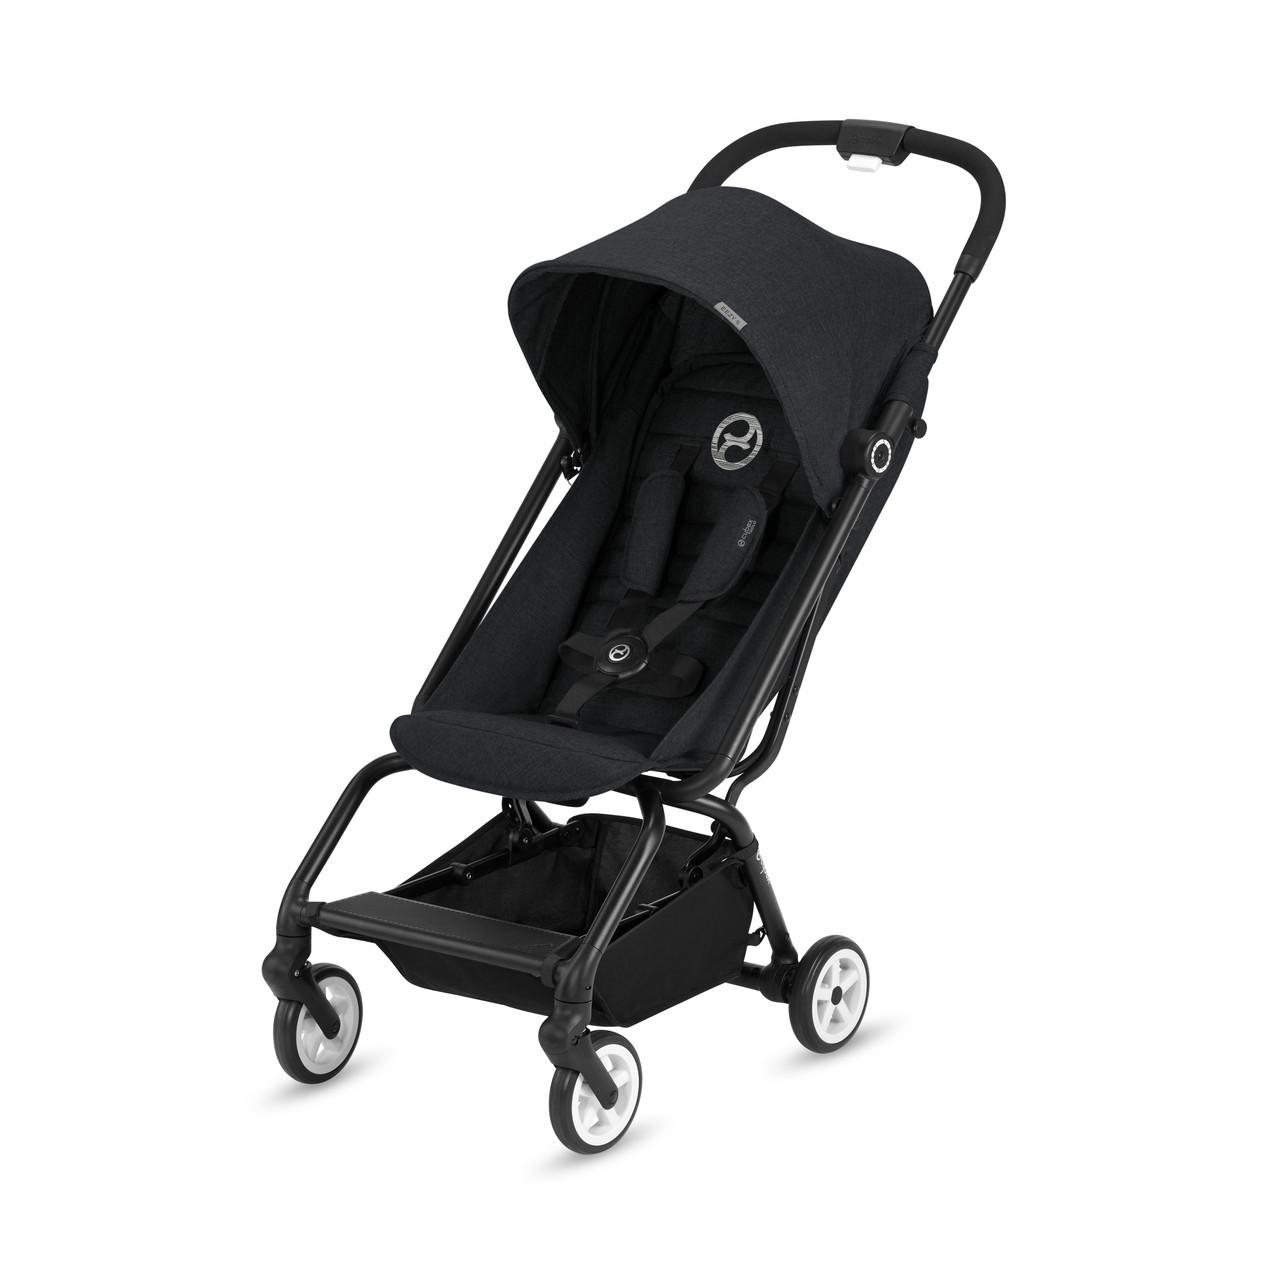 Cybex - Прогулочная коляска Eezy S, цвет Lavastone black